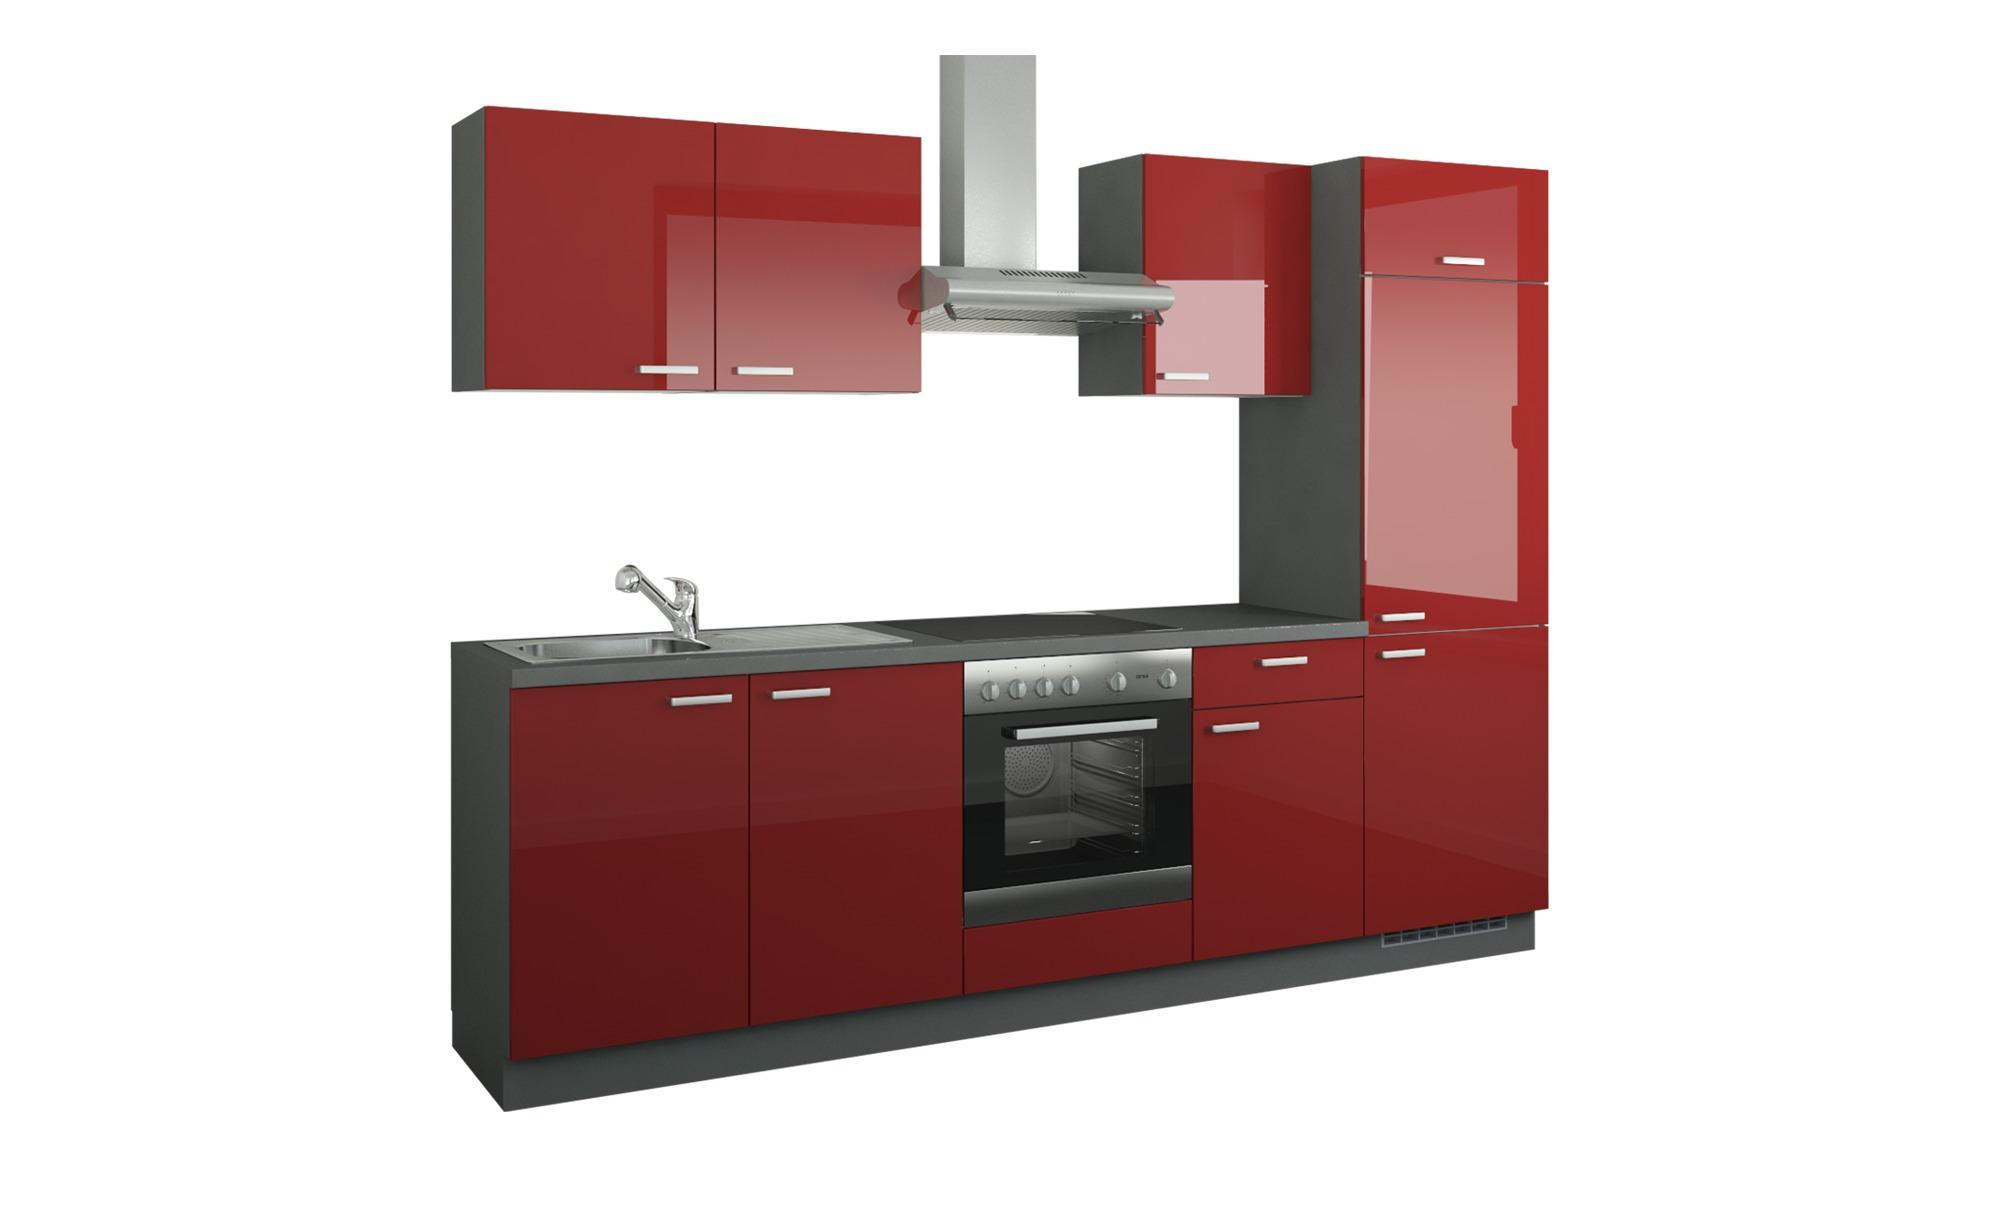 Küchenzeile mit Elektrogeräten  Aachen ¦ rot ¦ Maße (cm): B: 270 Küchen > Küchenblöcke mit E-Geräten - Höffner | Küche und Esszimmer > Küchen > Küchenzeilen | Möbel Höffner DE